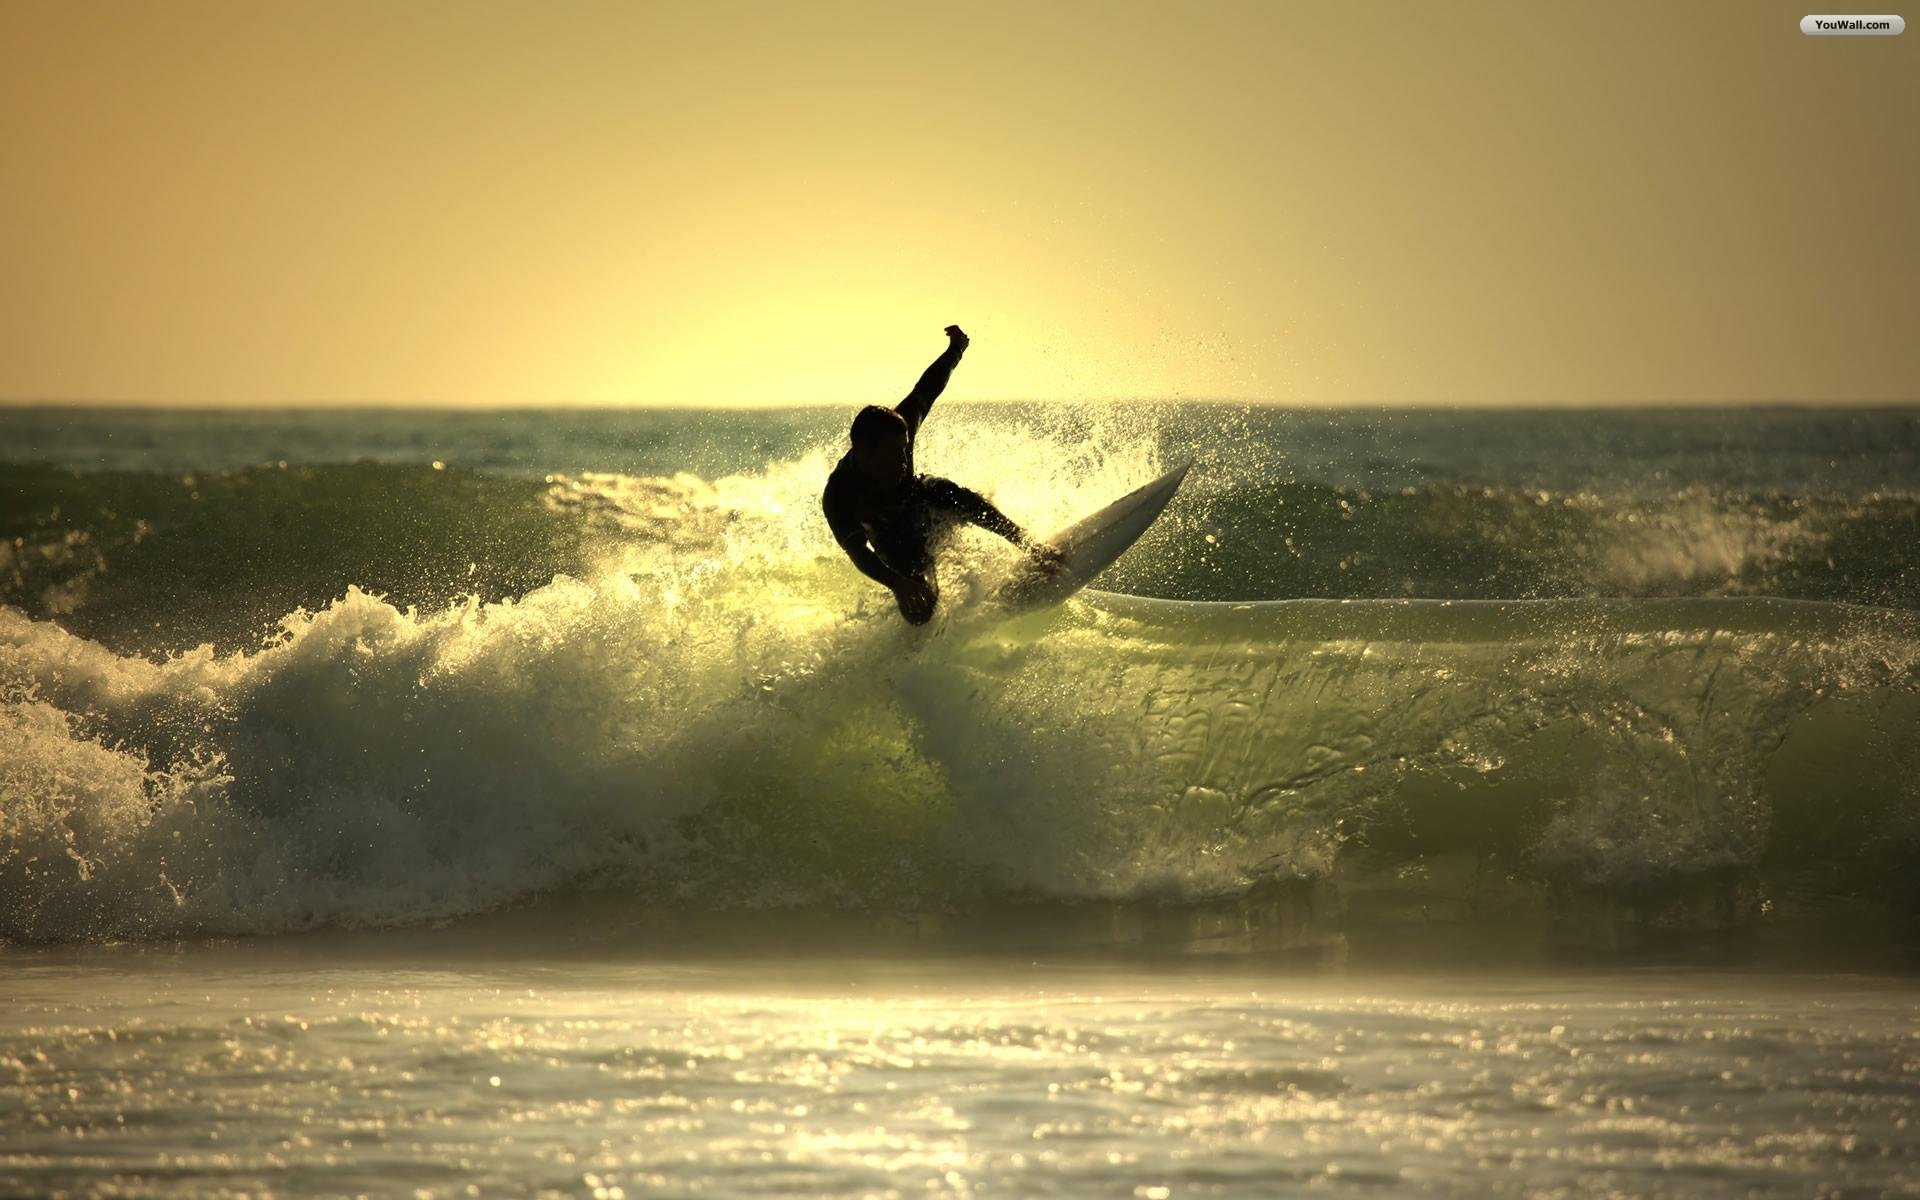 Surfing hd Wallpaper | High Quality Wallpapers,Wallpaper Desktop,High ...